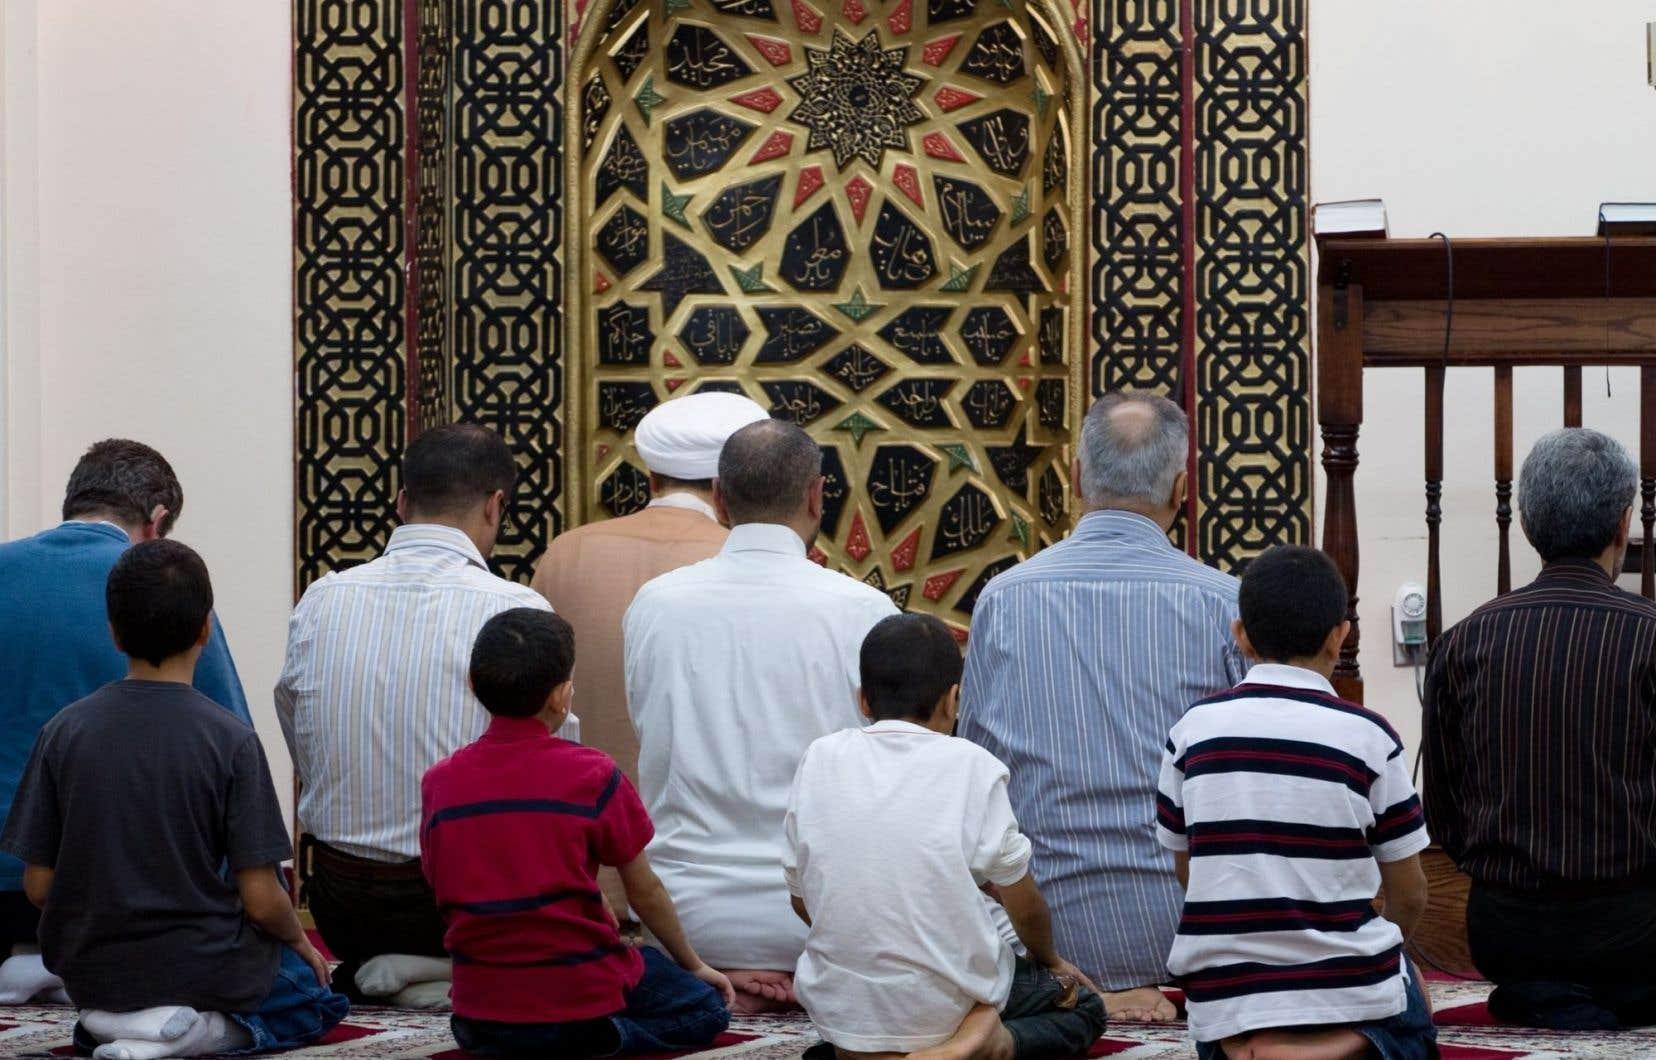 La mosquée est très présente dans la vie des musulmans, même ceux qui sont peu pratiquants.